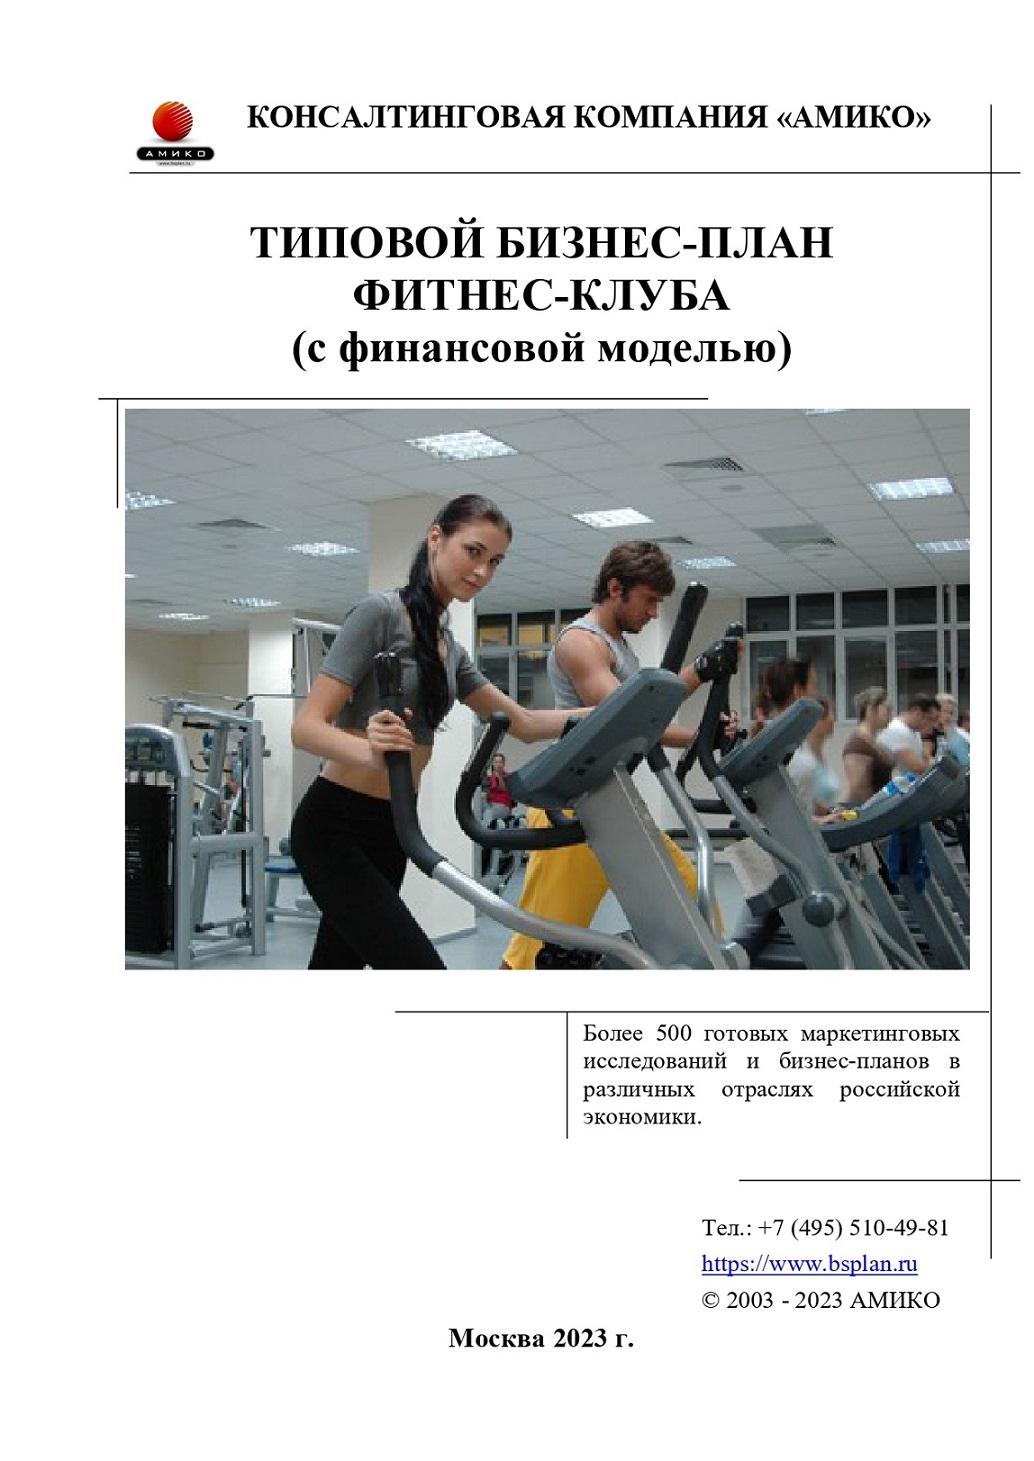 Школа фитнеса бизнес план идеи и бизнес план